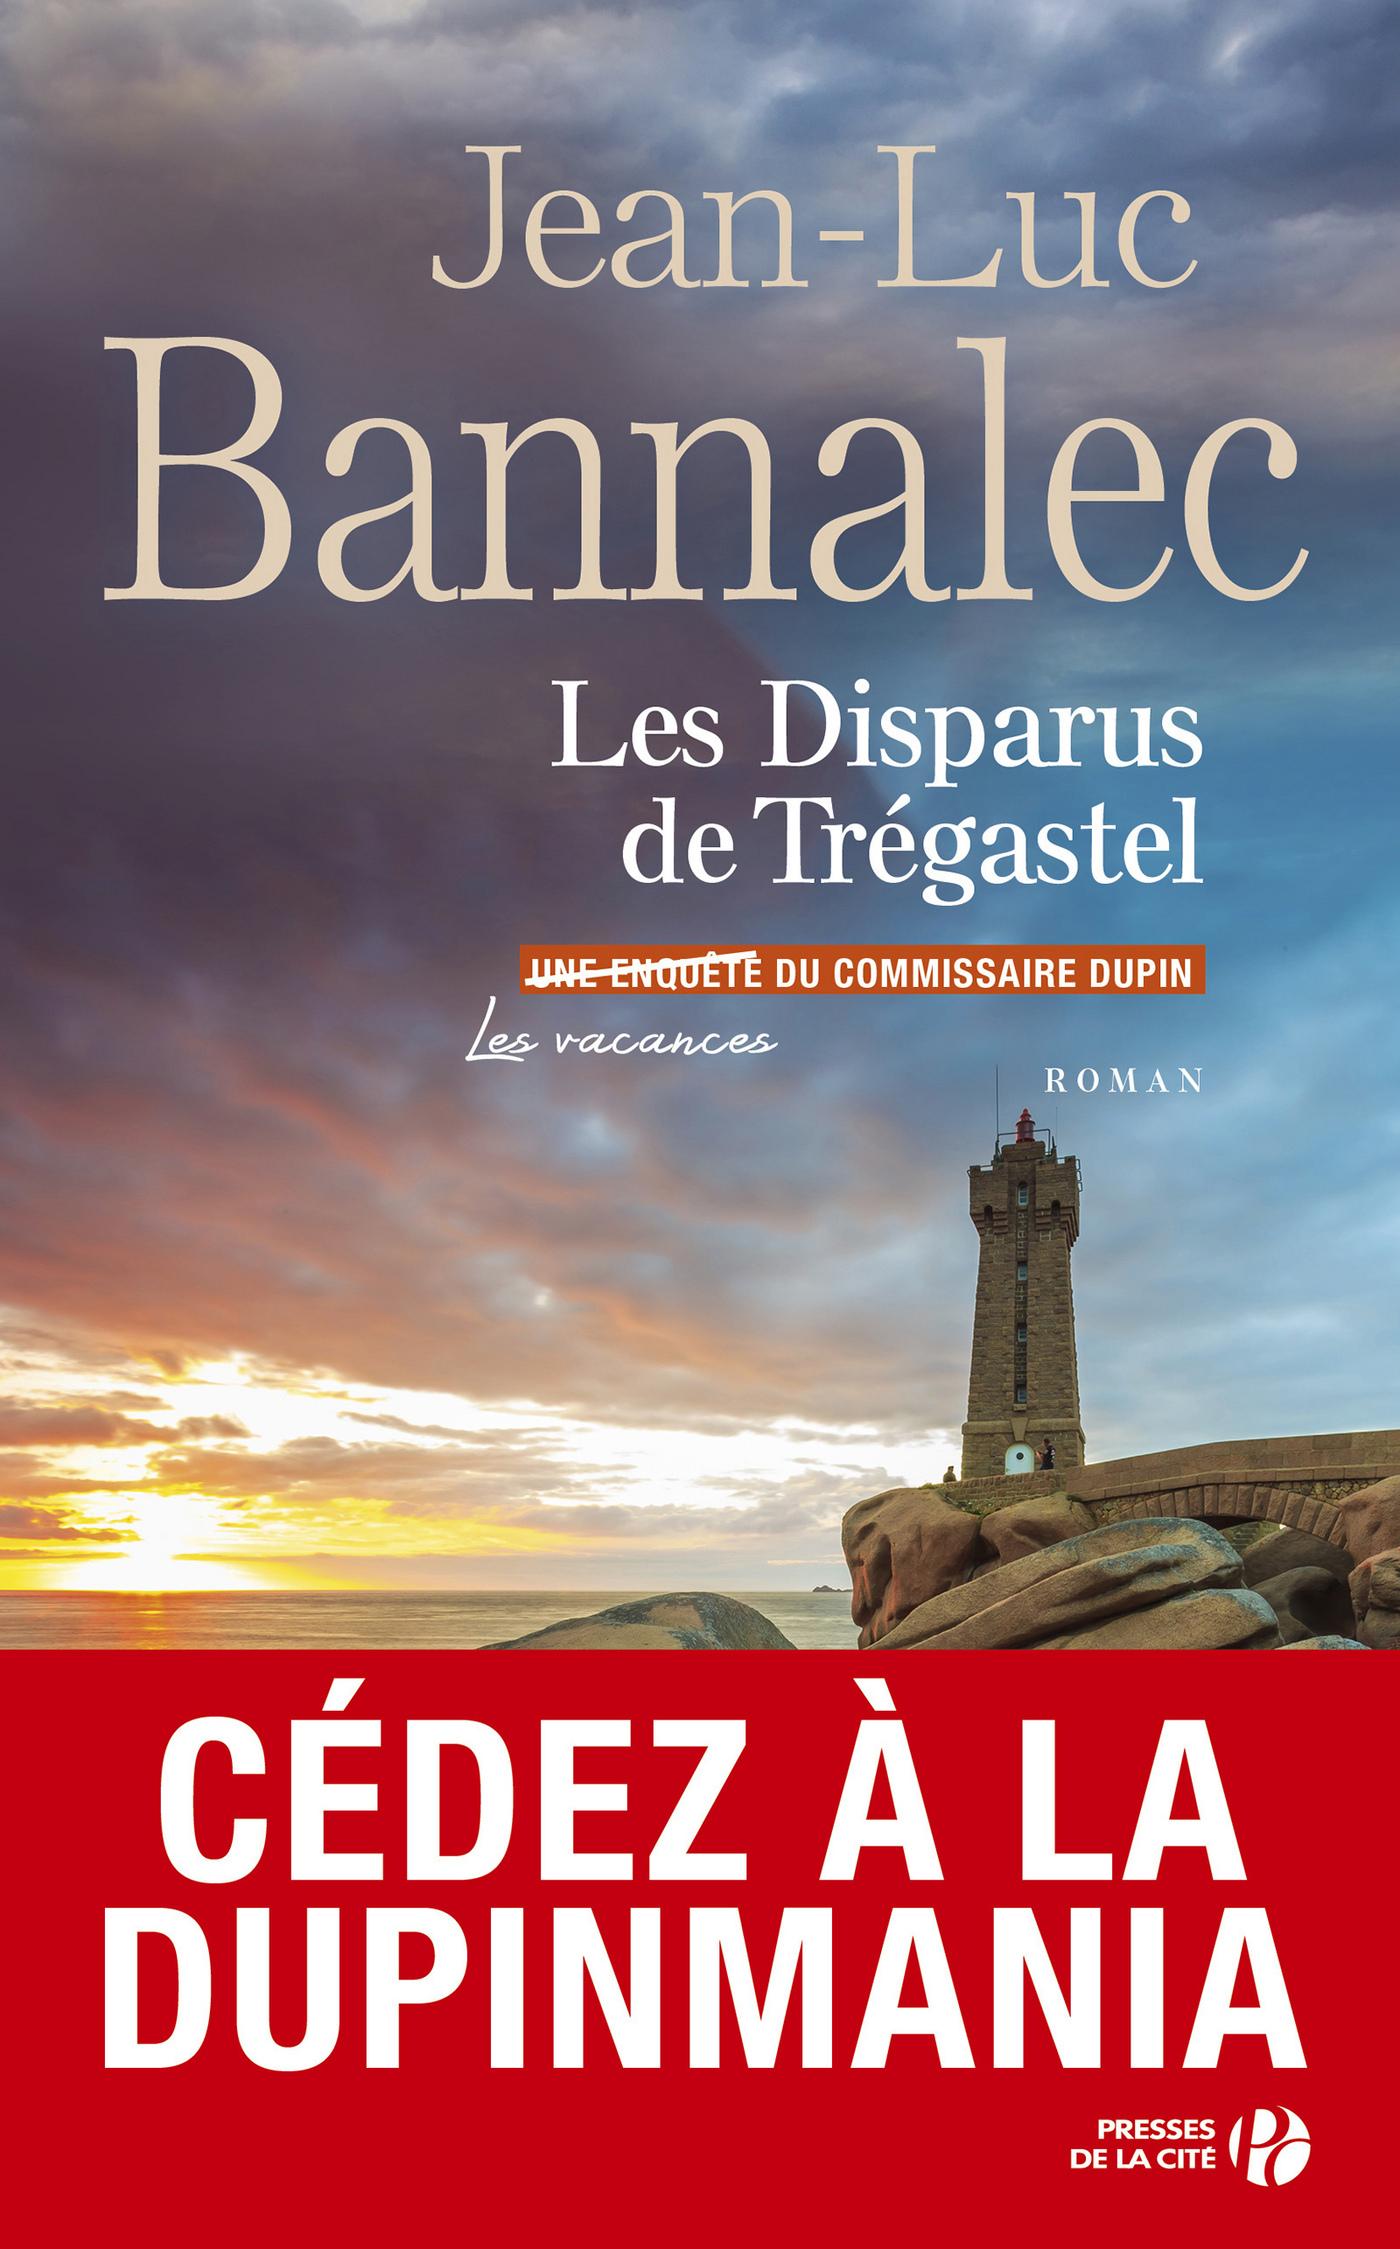 Les Disparus de Trégastel | BANNALEC, Jean-Luc